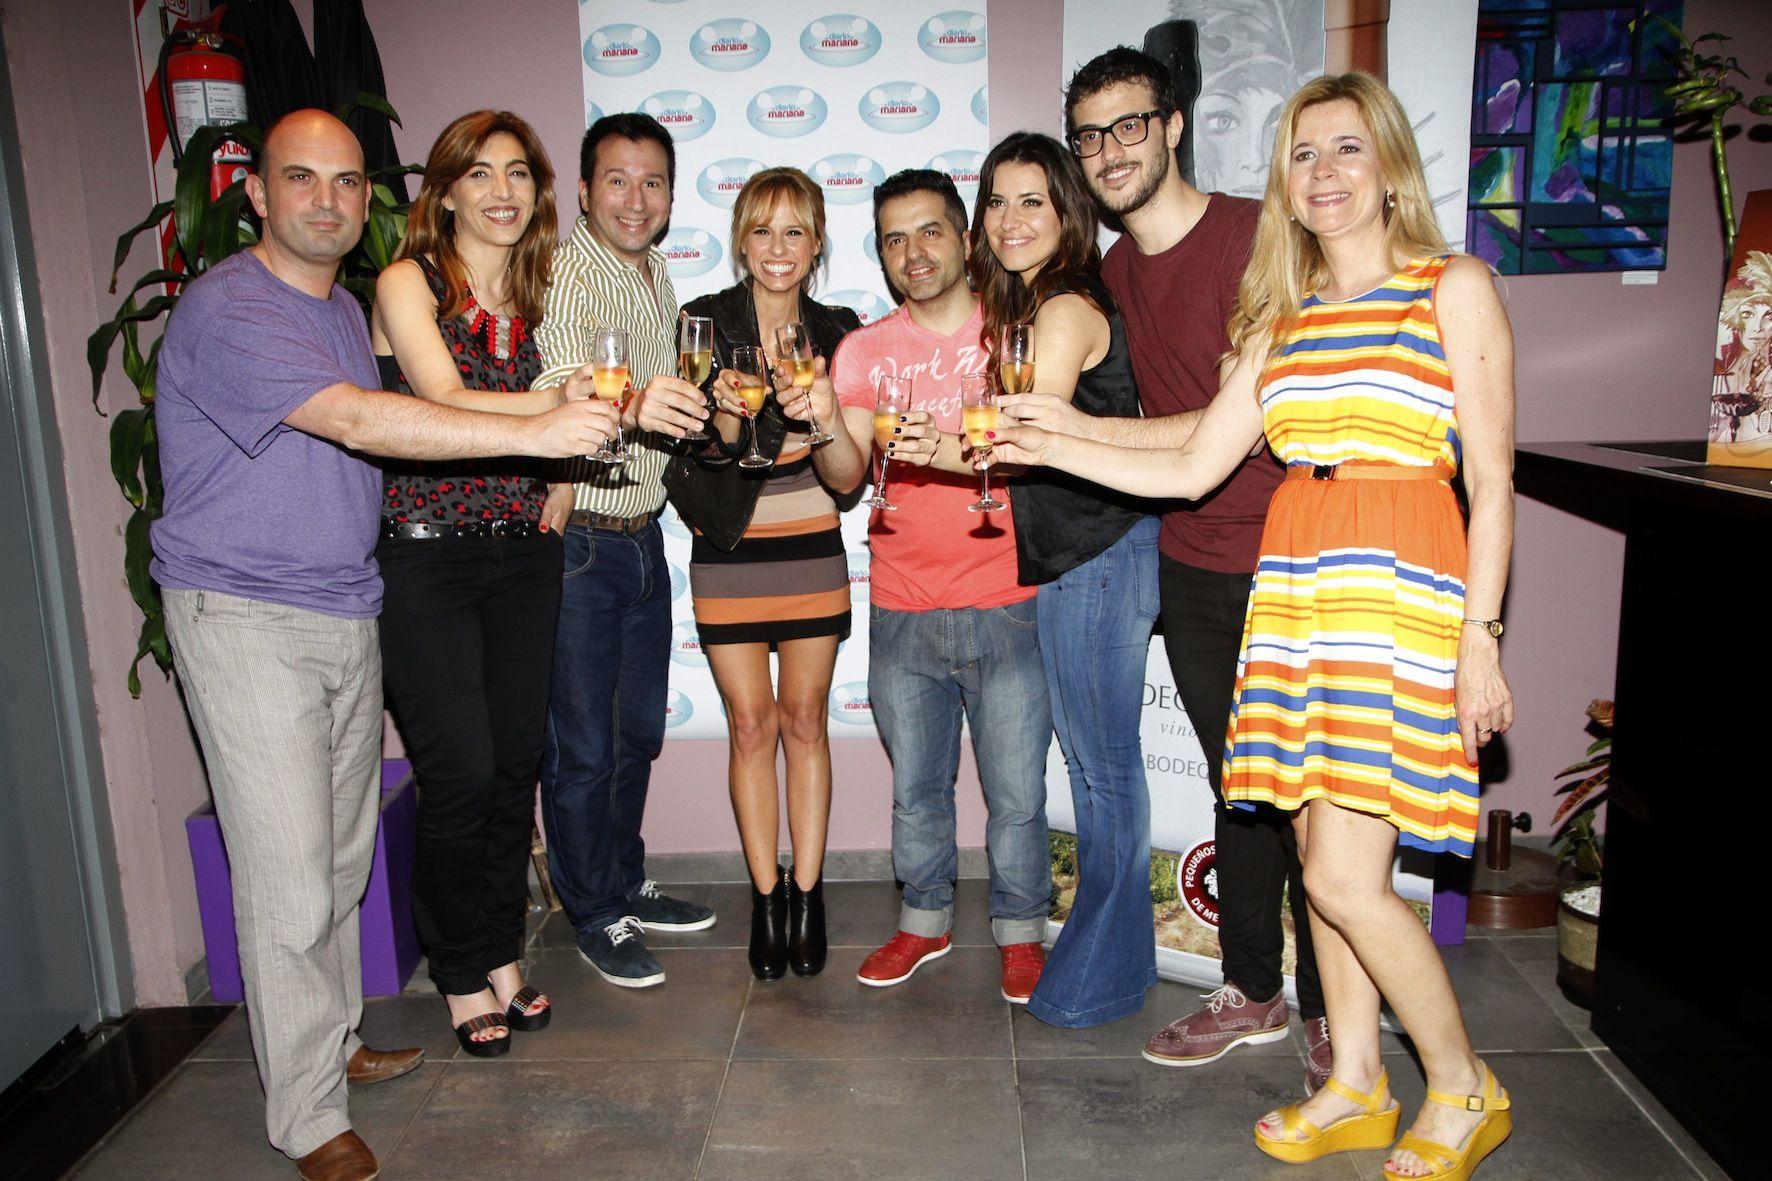 El equipo de El Diario de Mariana se reunió para festejar el éxito del programa